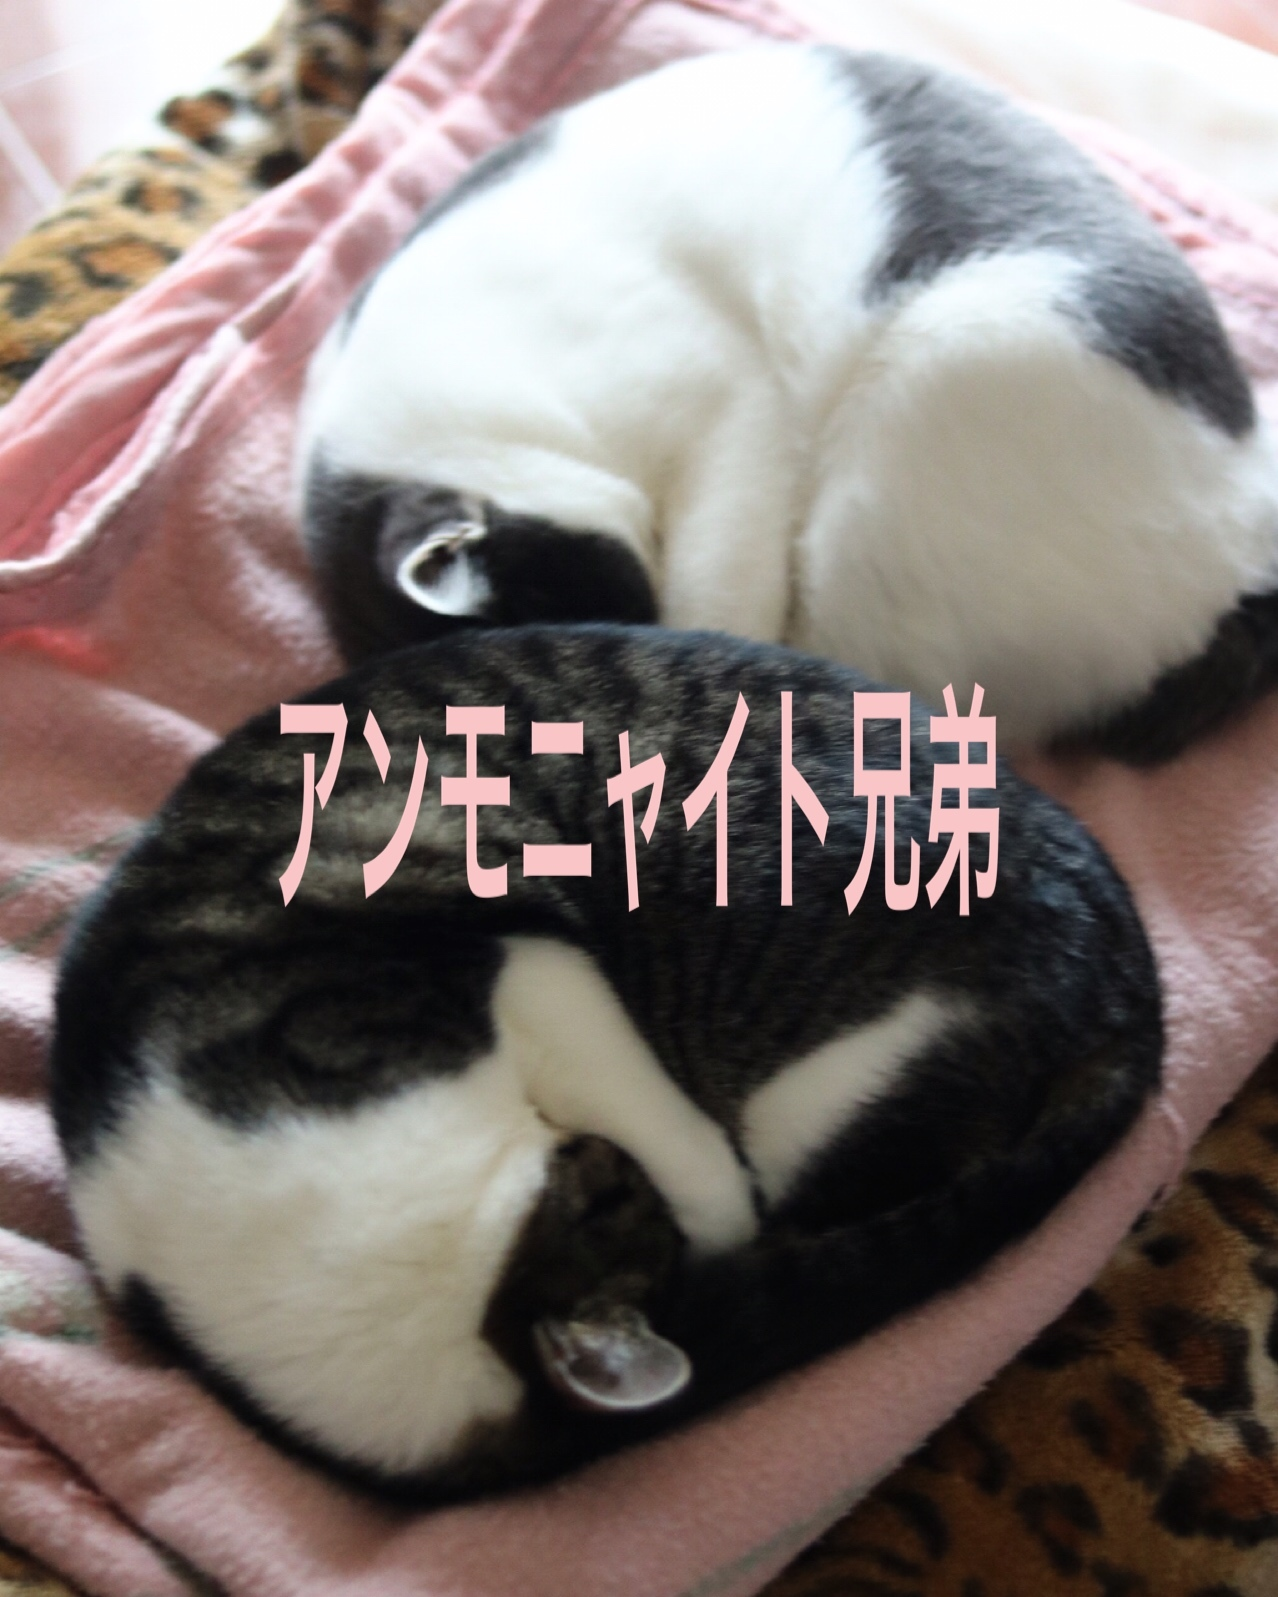 にゃんこ劇場「アンモニャイト兄弟」_c0366722_12591118.jpeg